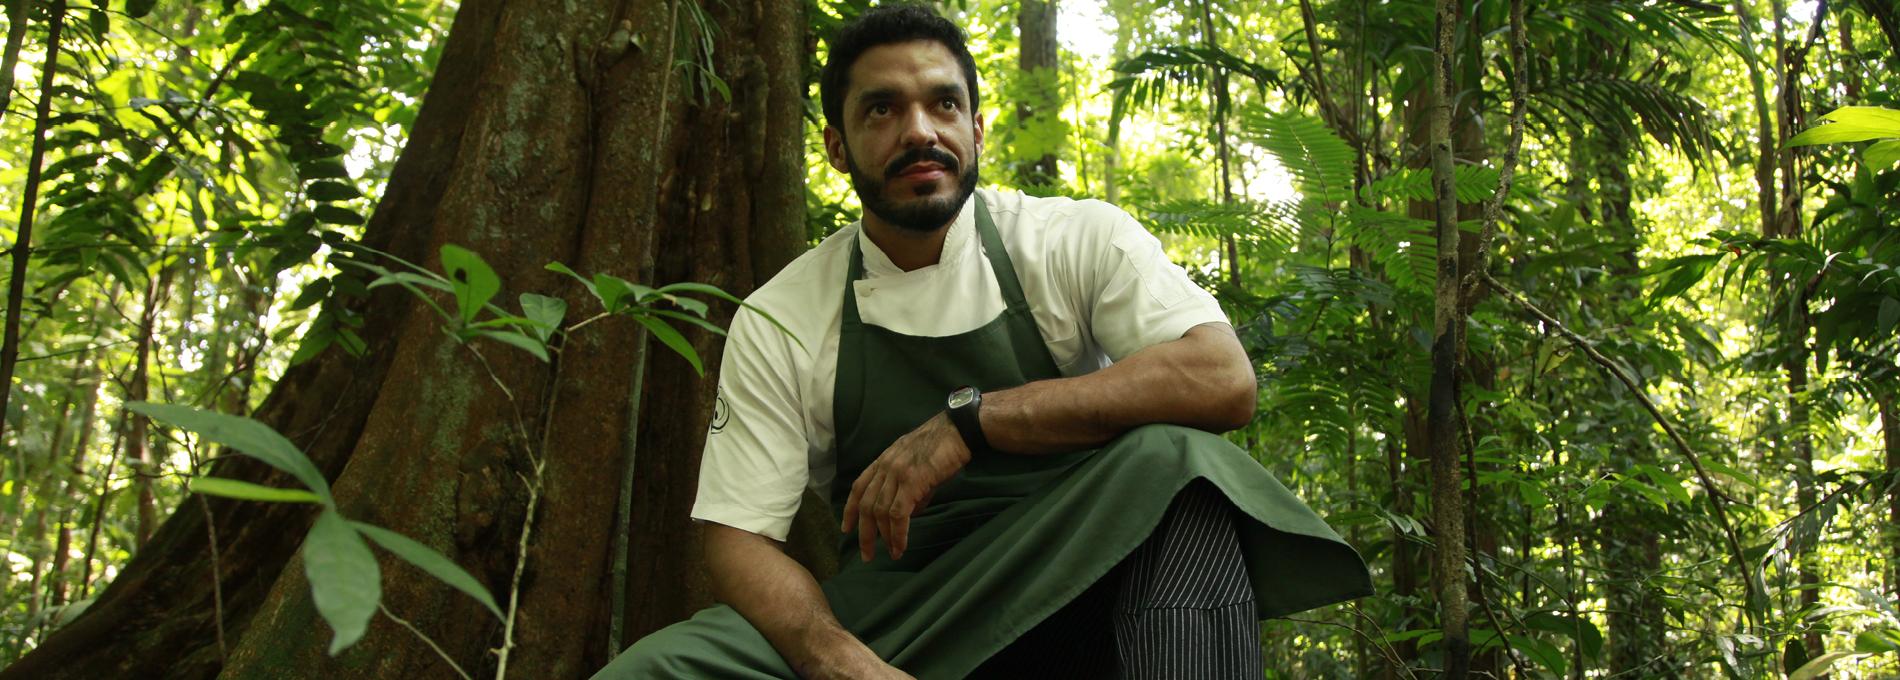 O chef Thiago Castanho fala sobre a culinária amazônica